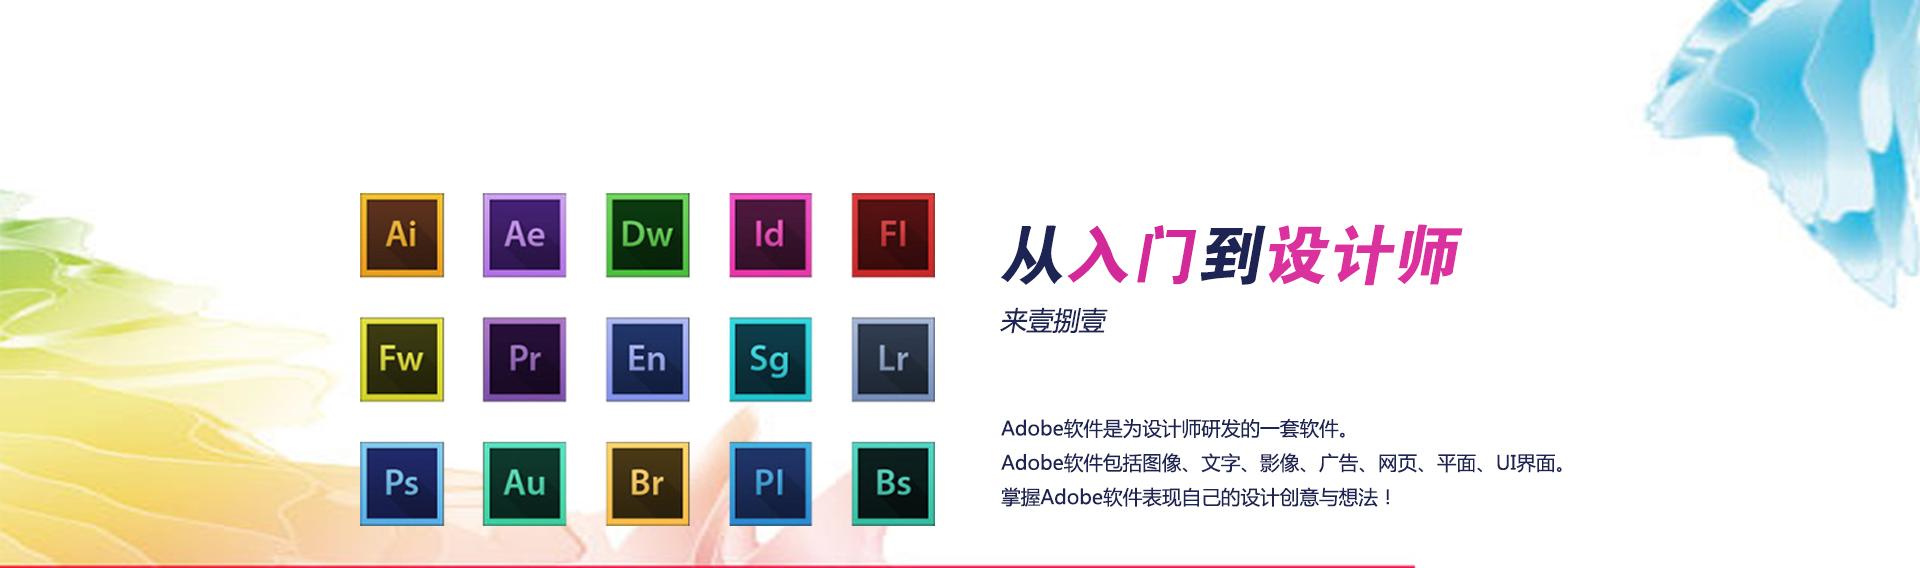 南京网页设计师精英班培训课程